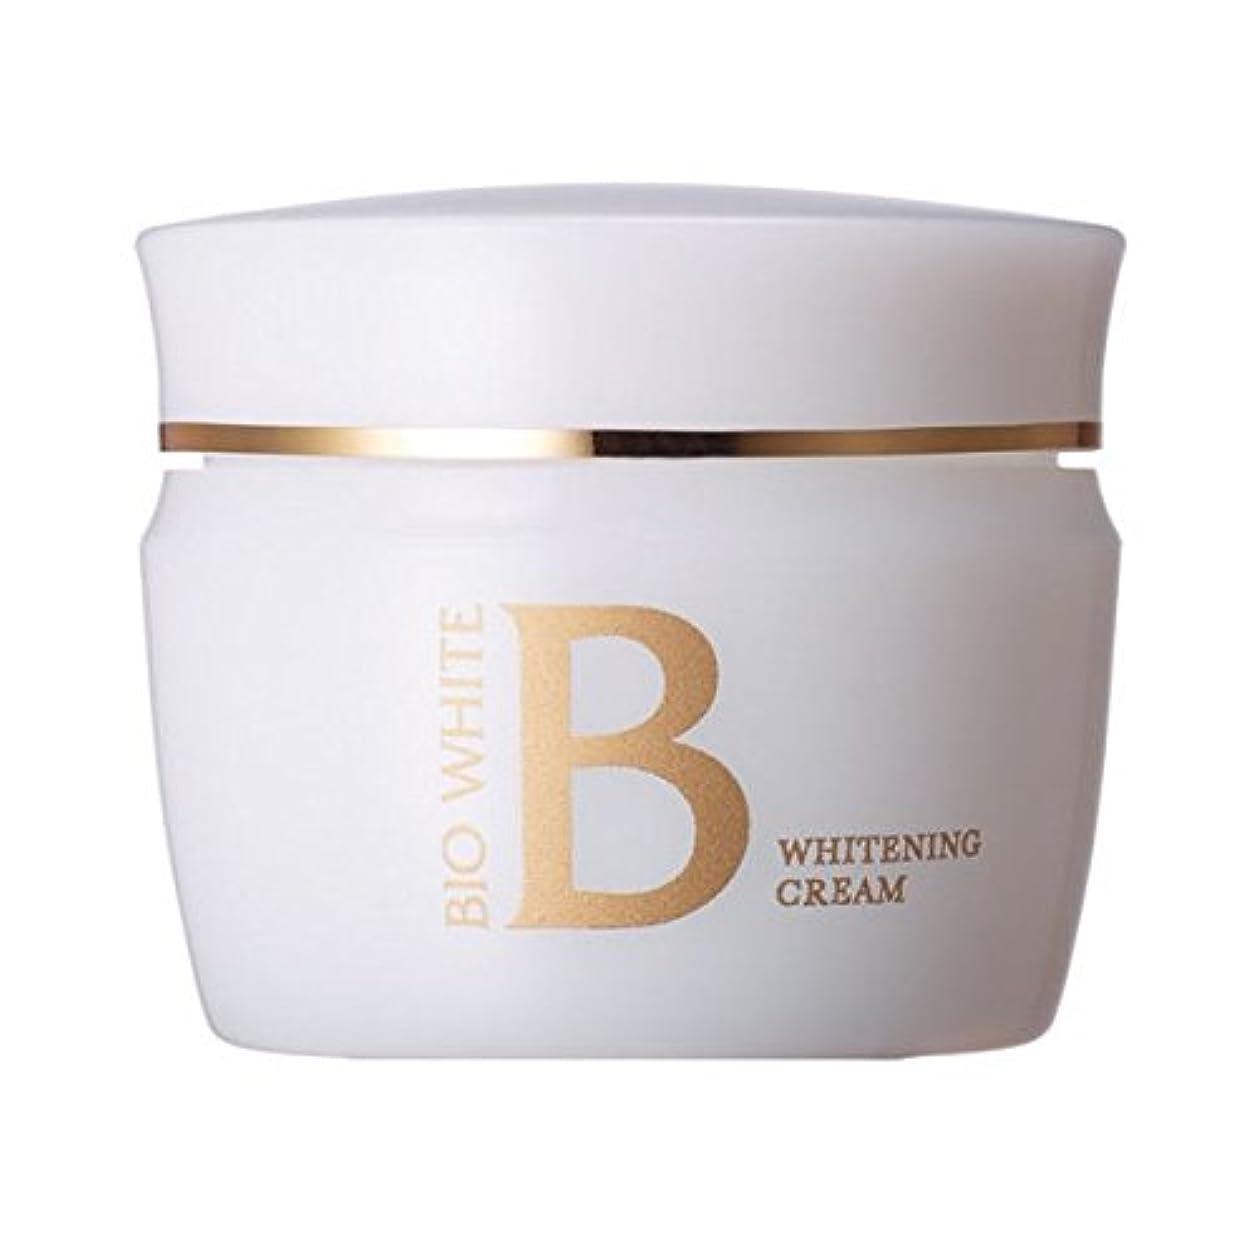 発掘する買い手節約エビス化粧品(EBiS) ビーホワイトクリーム40g トラネキサム酸配合 美白クリーム フェイスクリーム